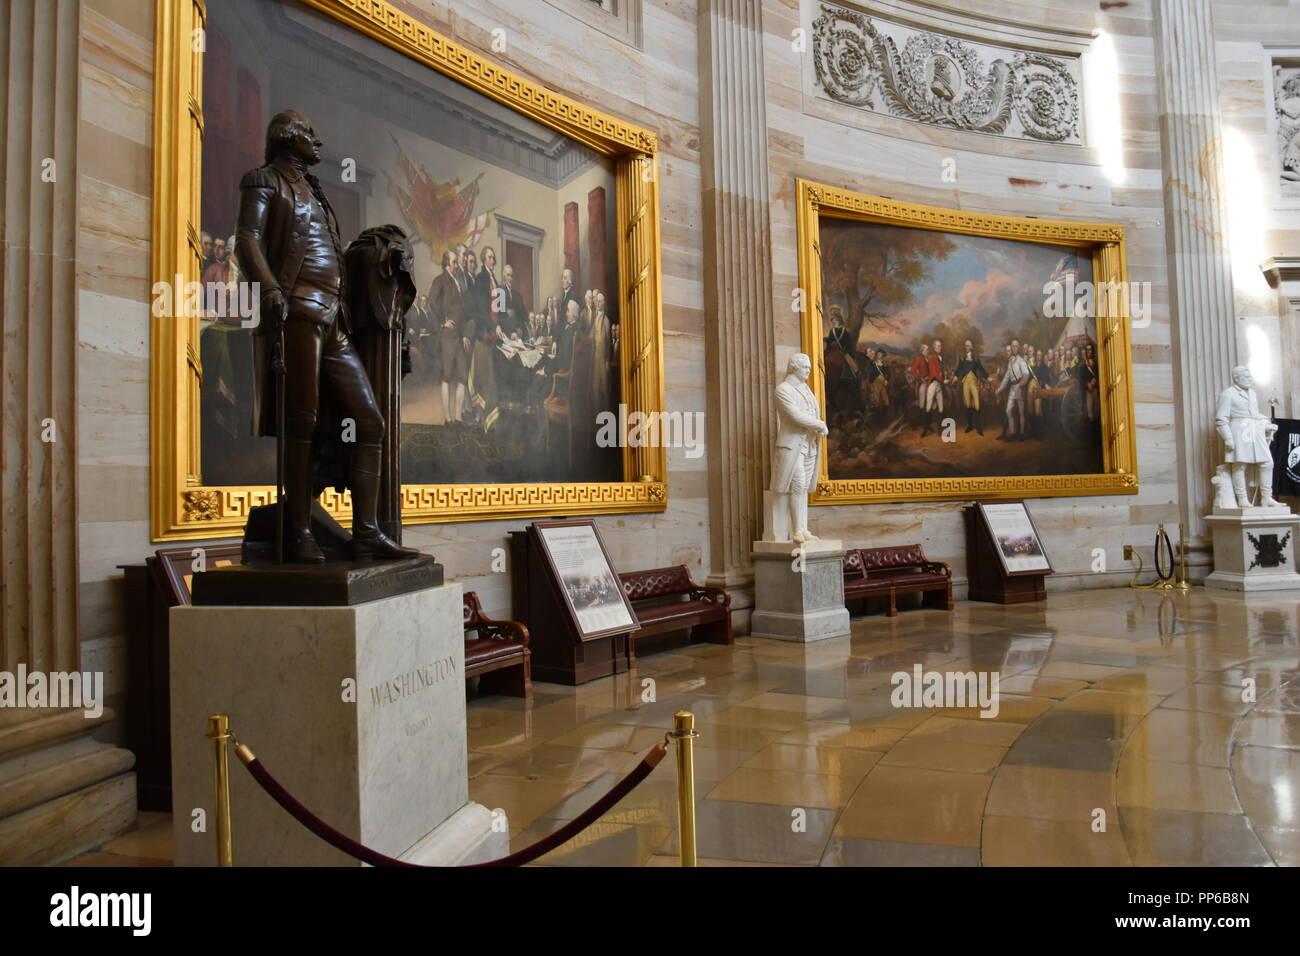 Sehenswürdigkeiten Gesehen Auf Der Tour Des United States Capitol